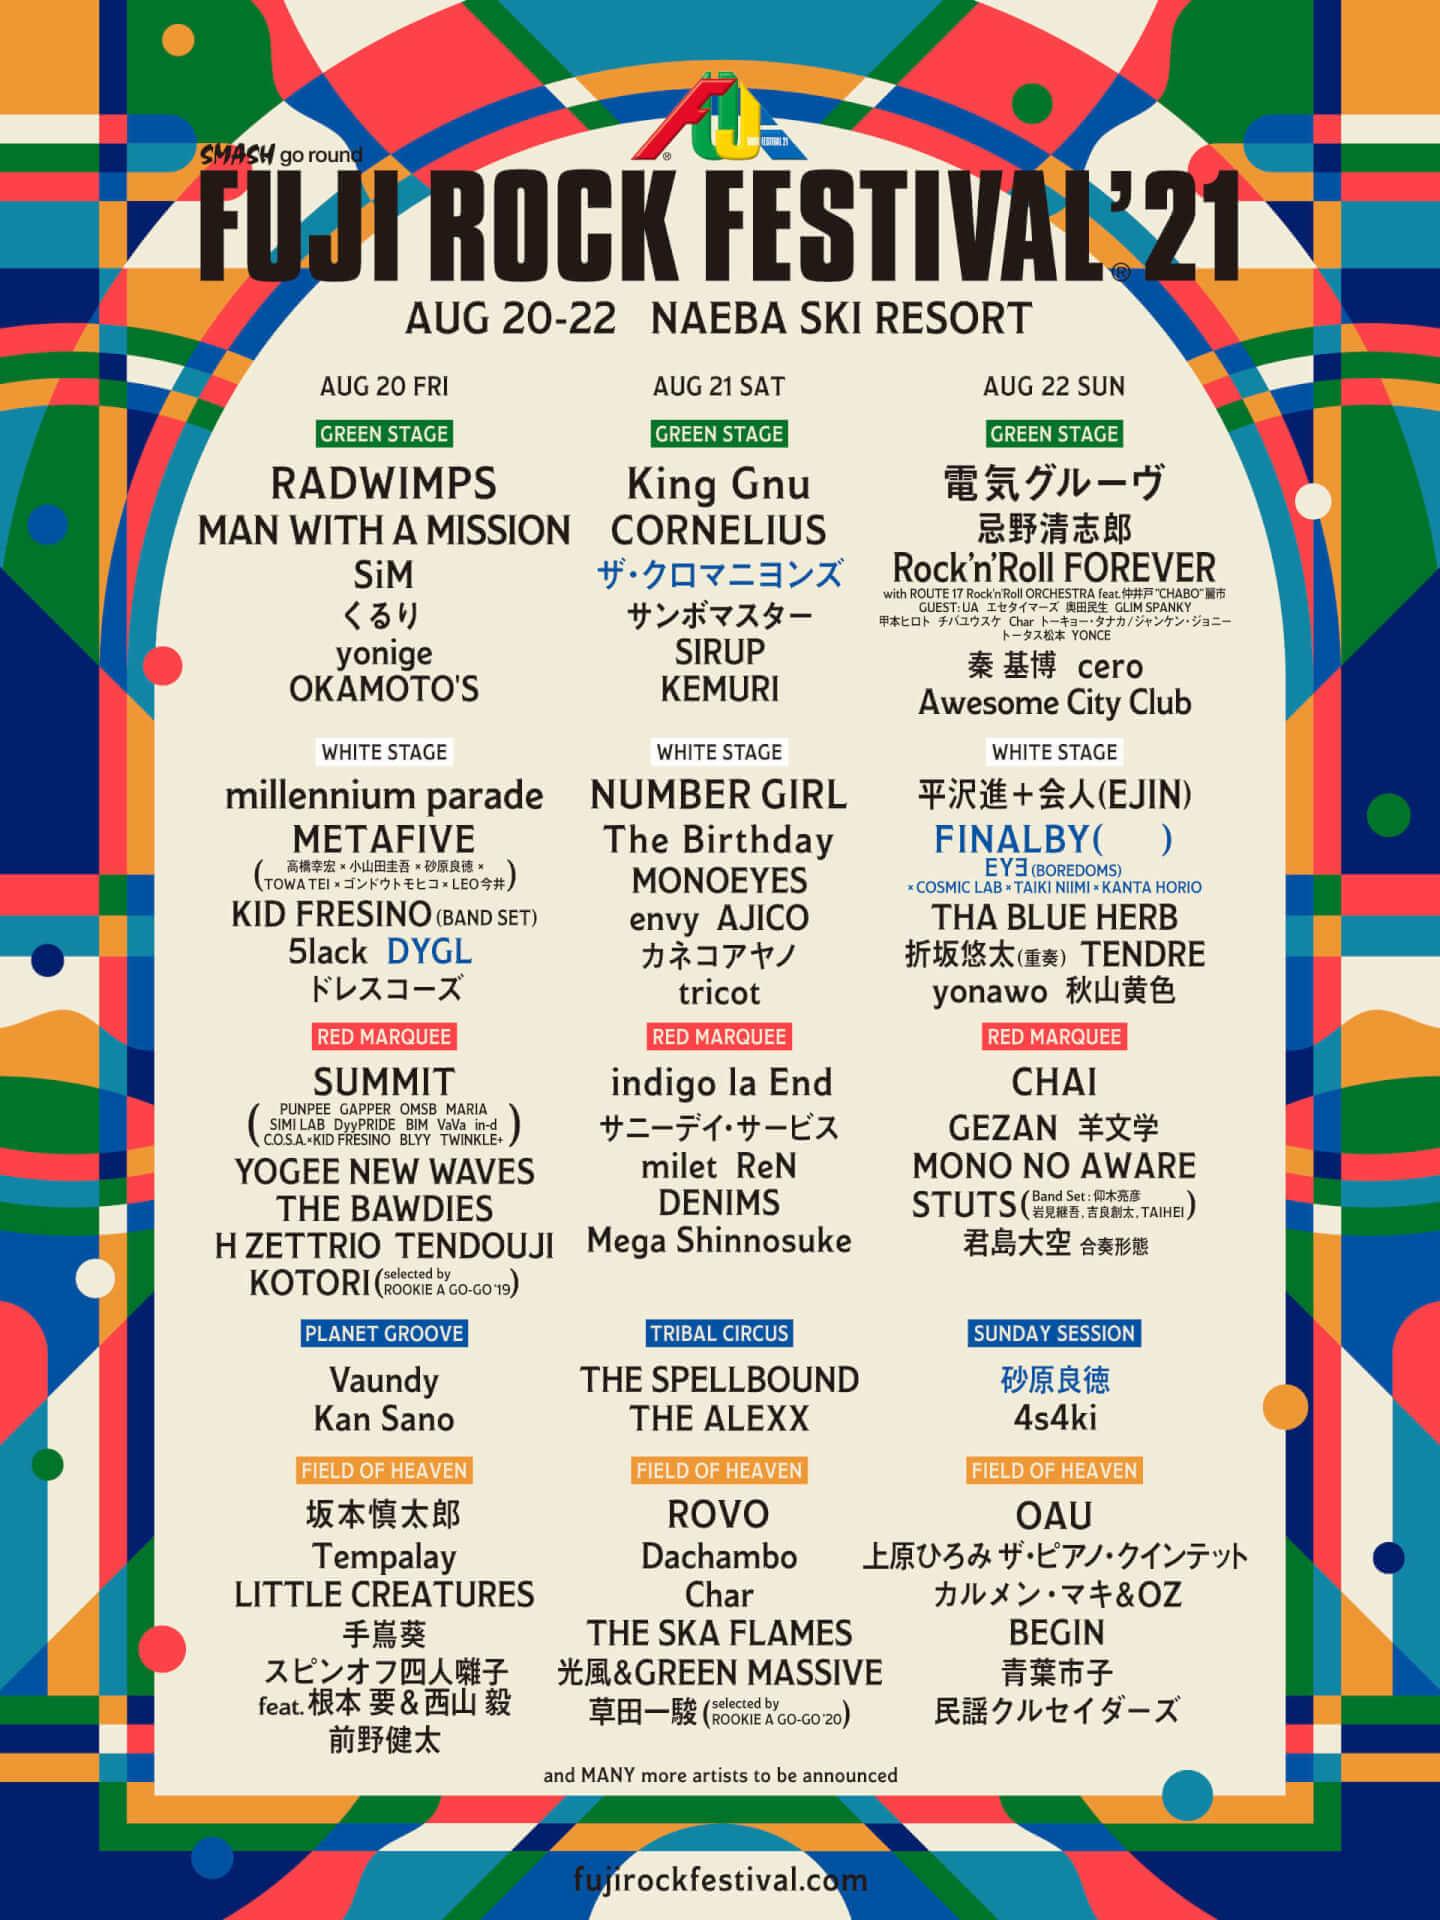 フジロック常連者に聞いてみた!印象的だった思い出、おすすめのフードや活躍したグッズ紹介も music210708_fujirockfestival21-027